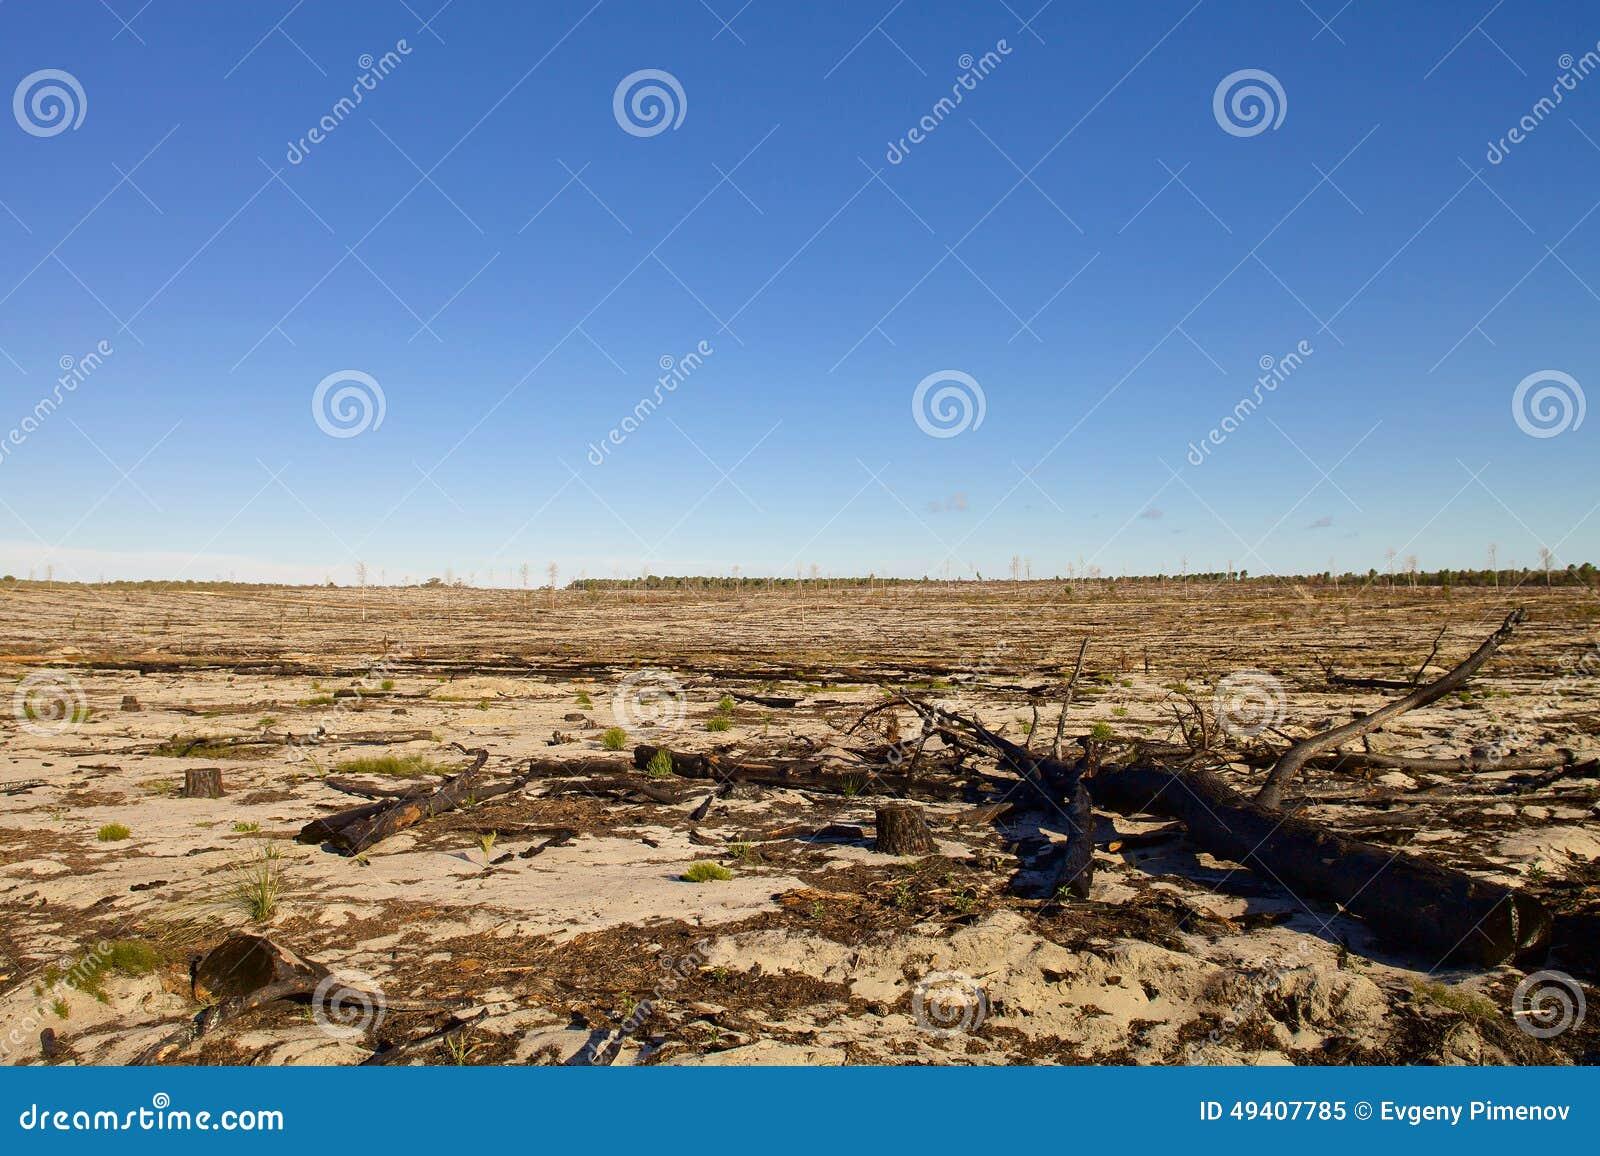 Download Australische Landschaft Am Sonnigen Tag Stockbild - Bild von lehm, landwirtschaftlich: 49407785